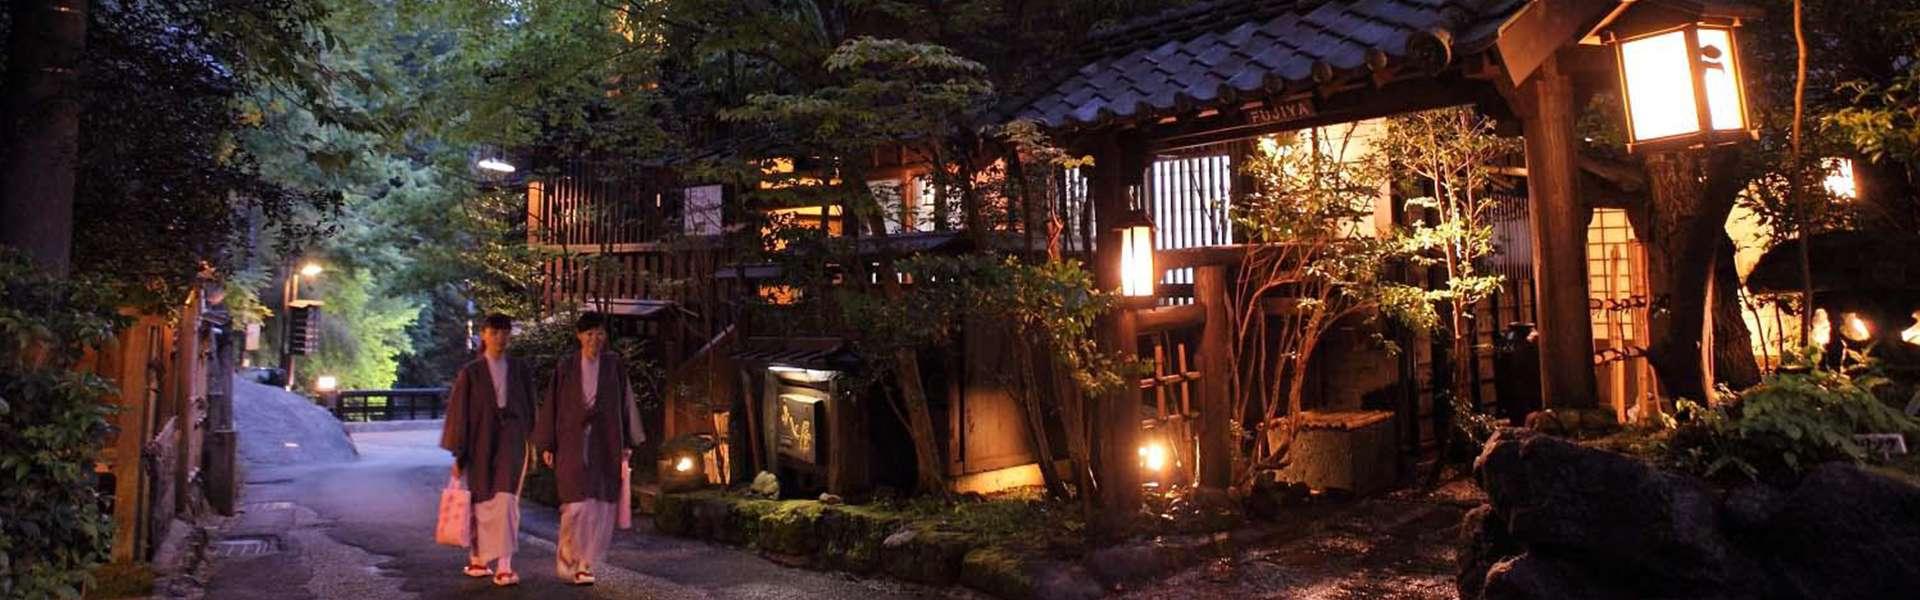 kurokawa onsen minamioguni japon